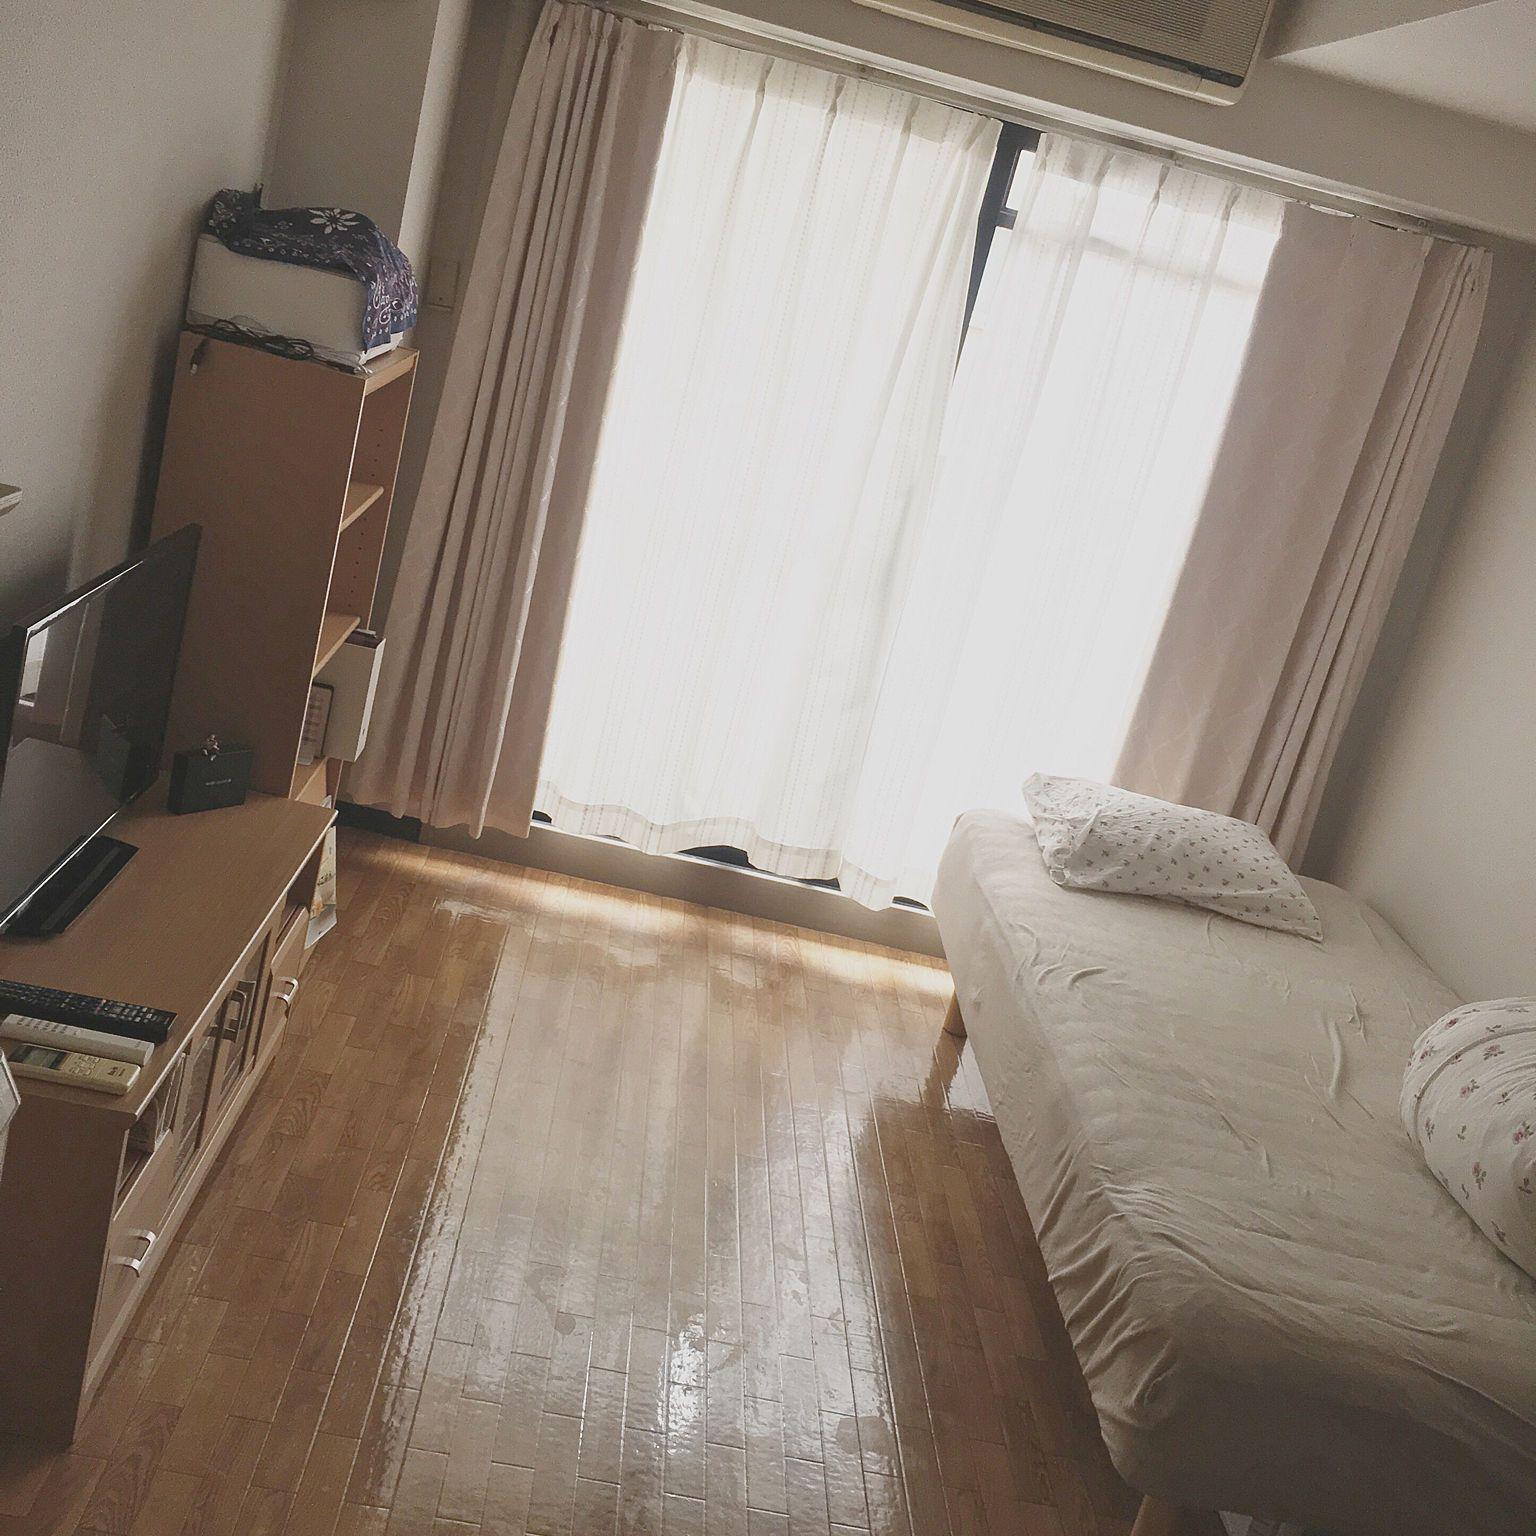 部屋全体 一人暮らし 7畳 大学生 大学生 一人暮らし などのインテリア実例 2018 08 09 12 16 00 Roomclip ルームクリップ インテリア 部屋のインスピレーション インテリア 実例